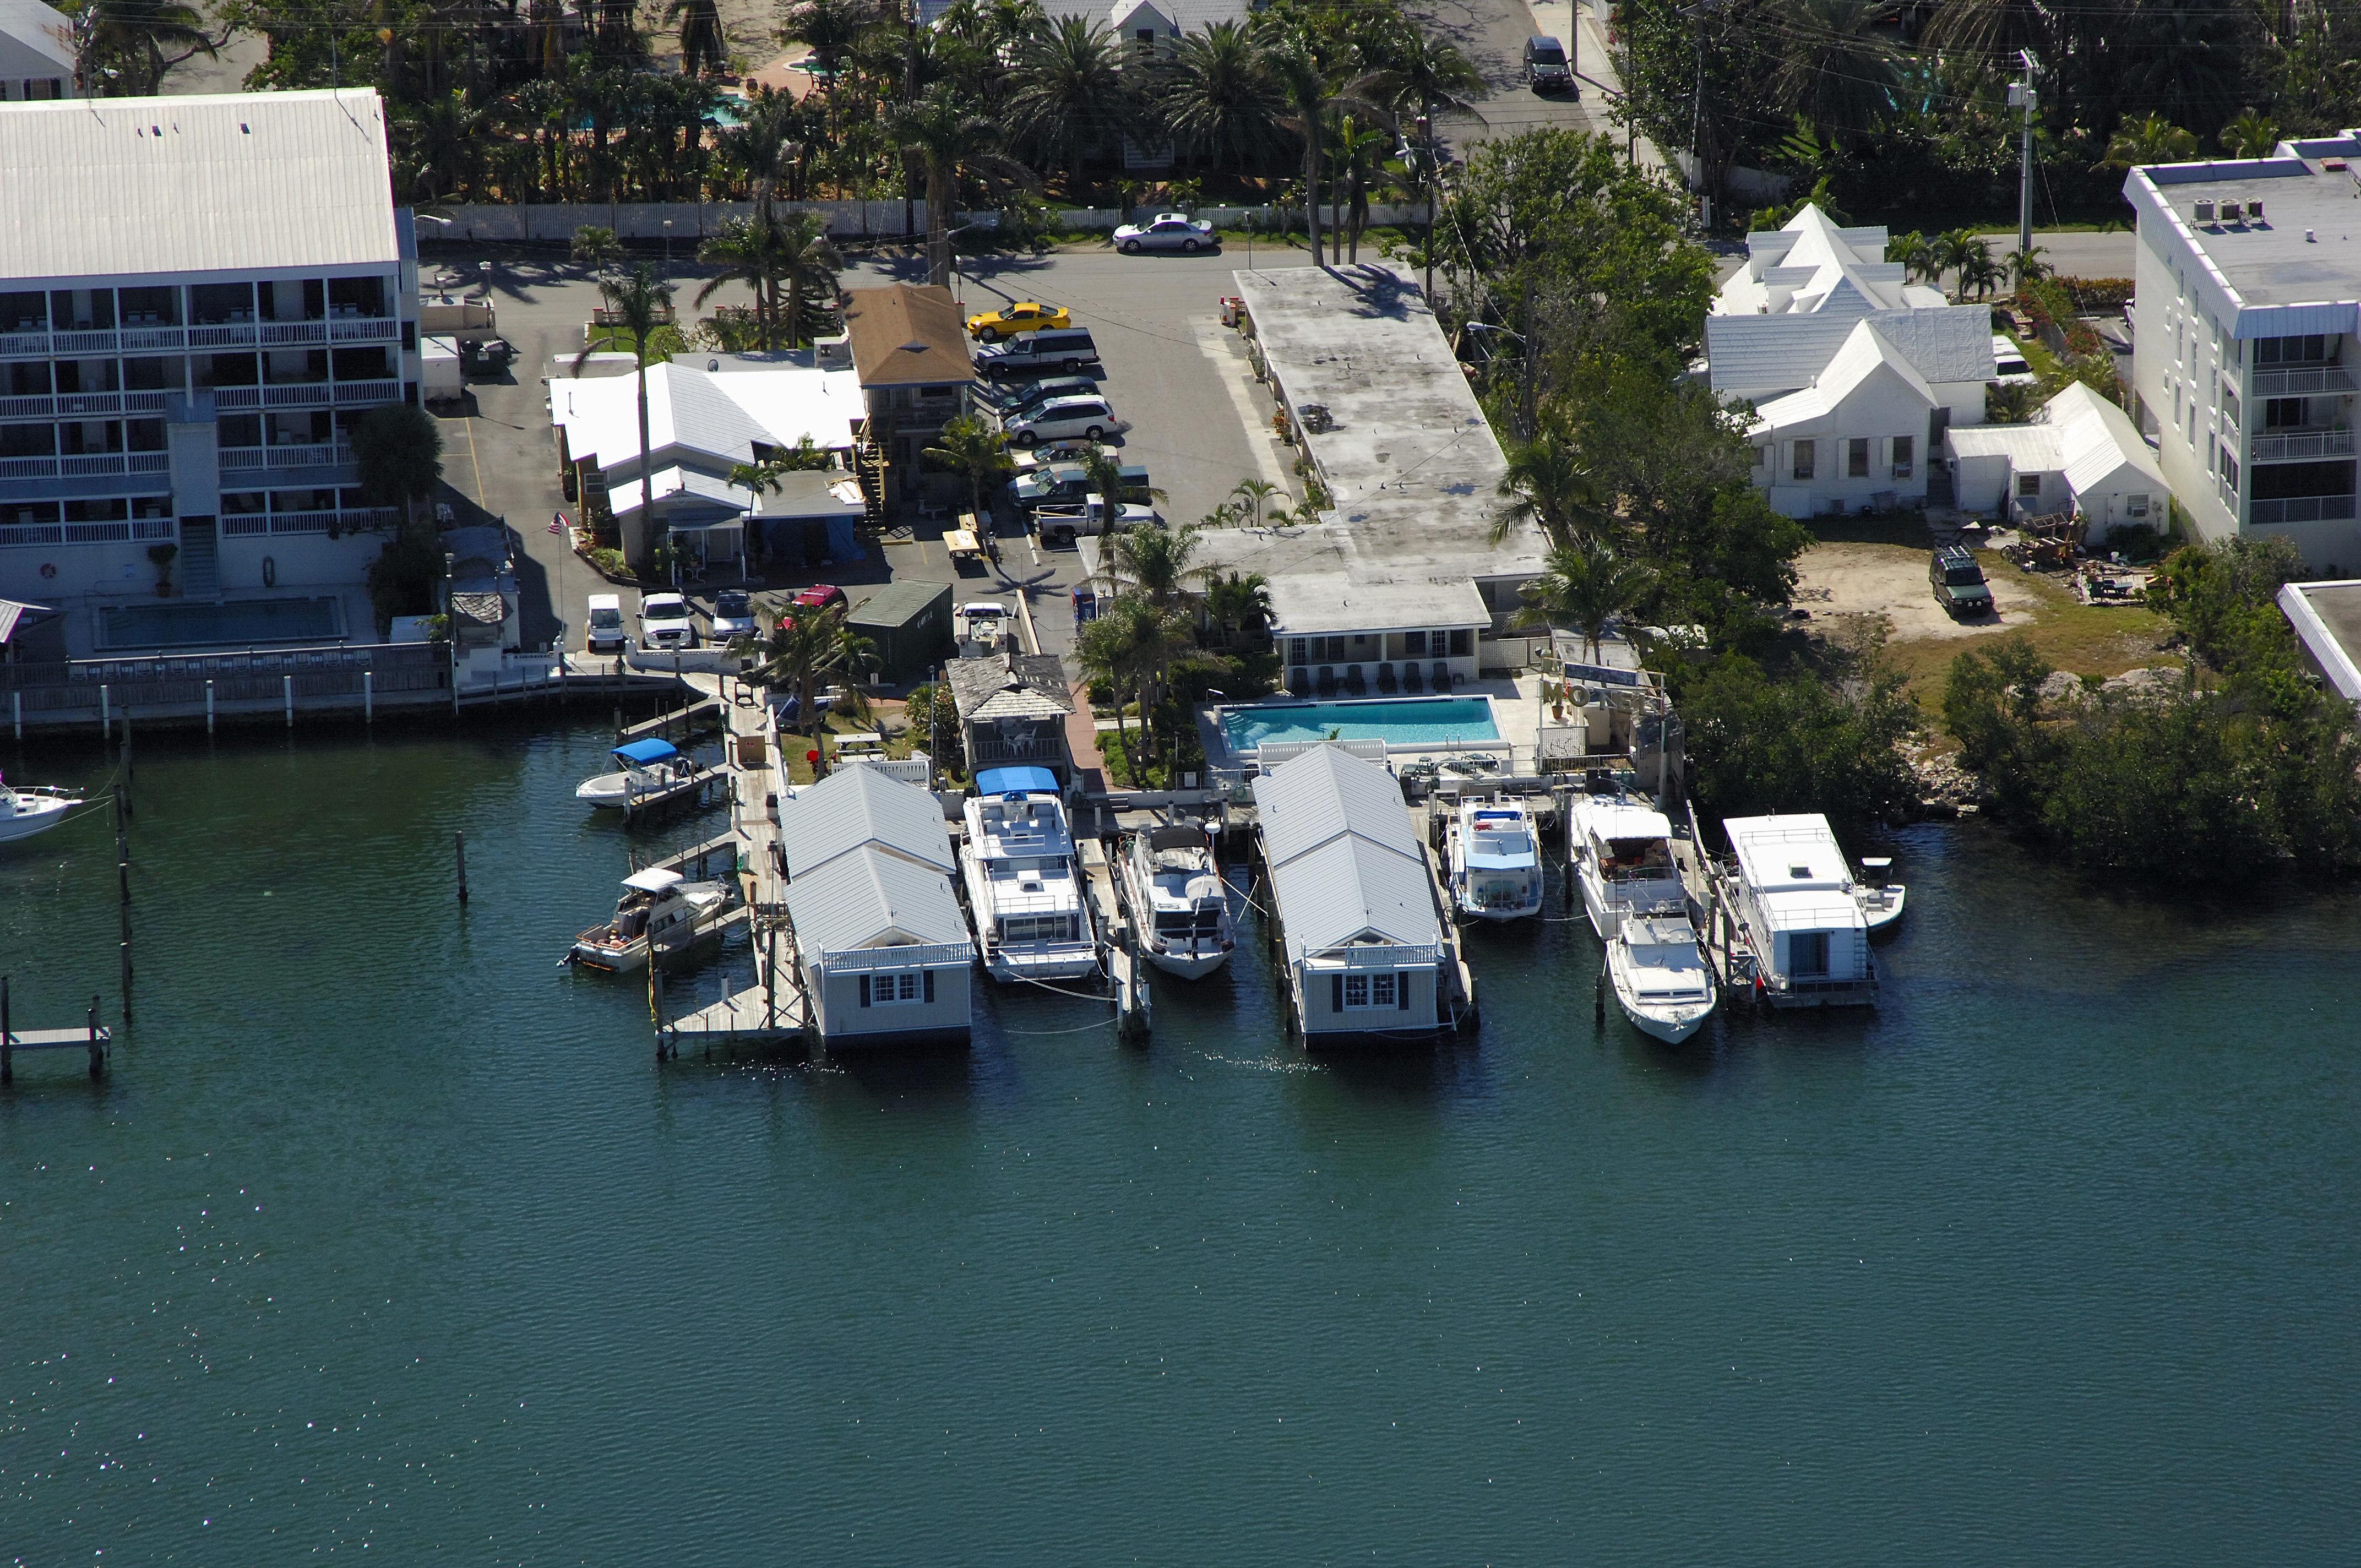 Harborside Motel Amp Marina In Key West FL United States